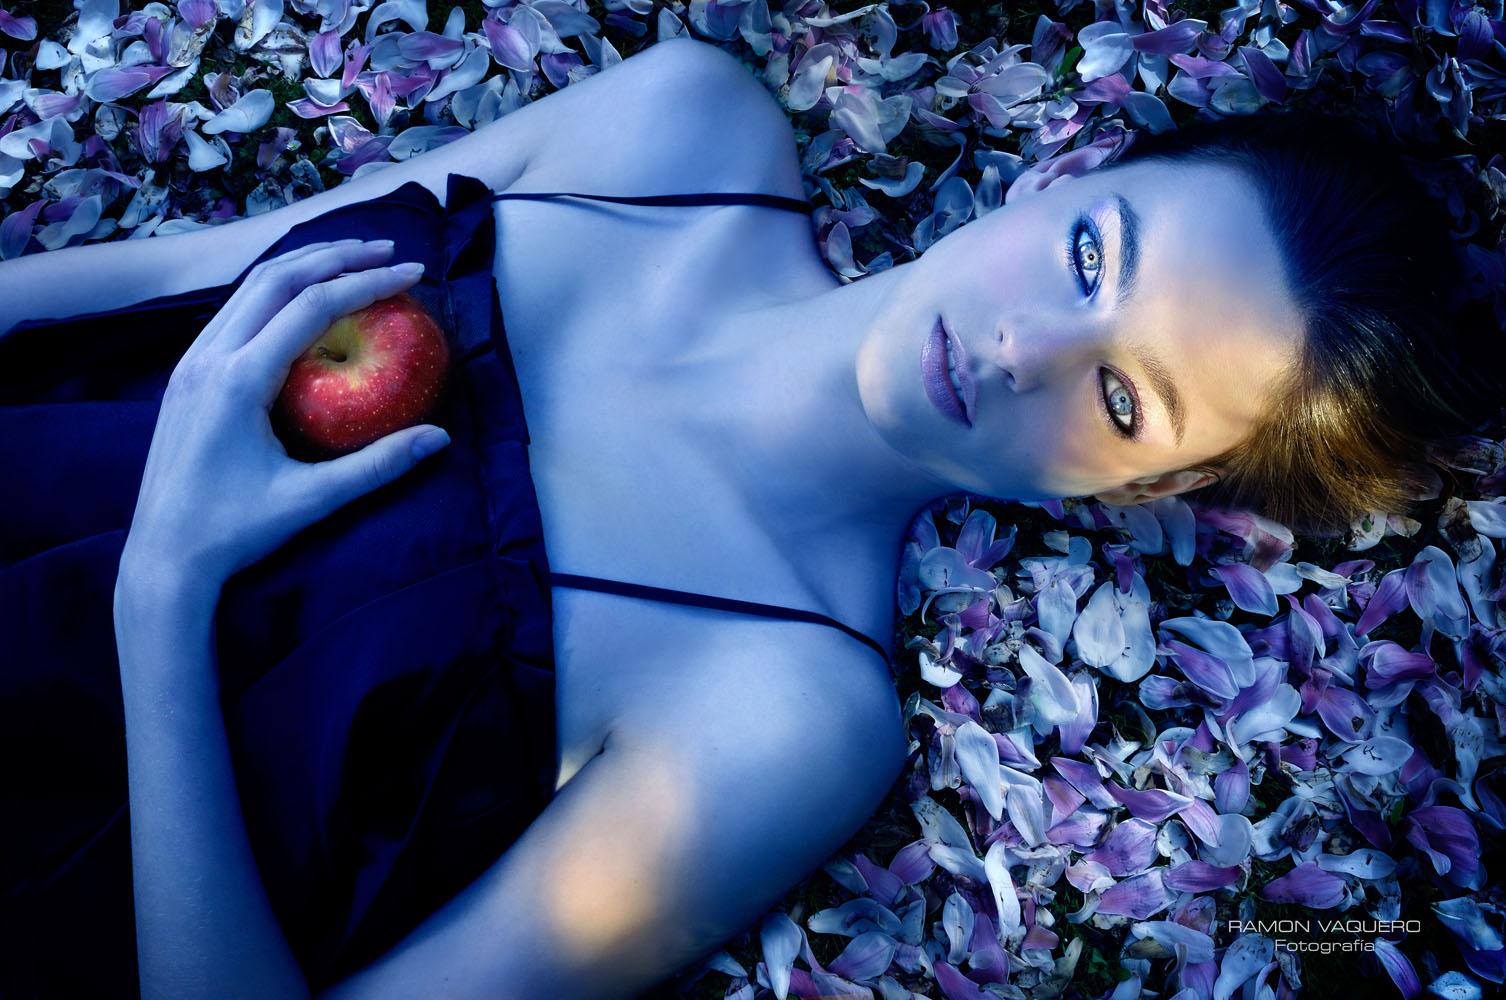 Ramon_Vaquero_fotografos_vigo_galicia_Trierenberg_supercircuit_2010